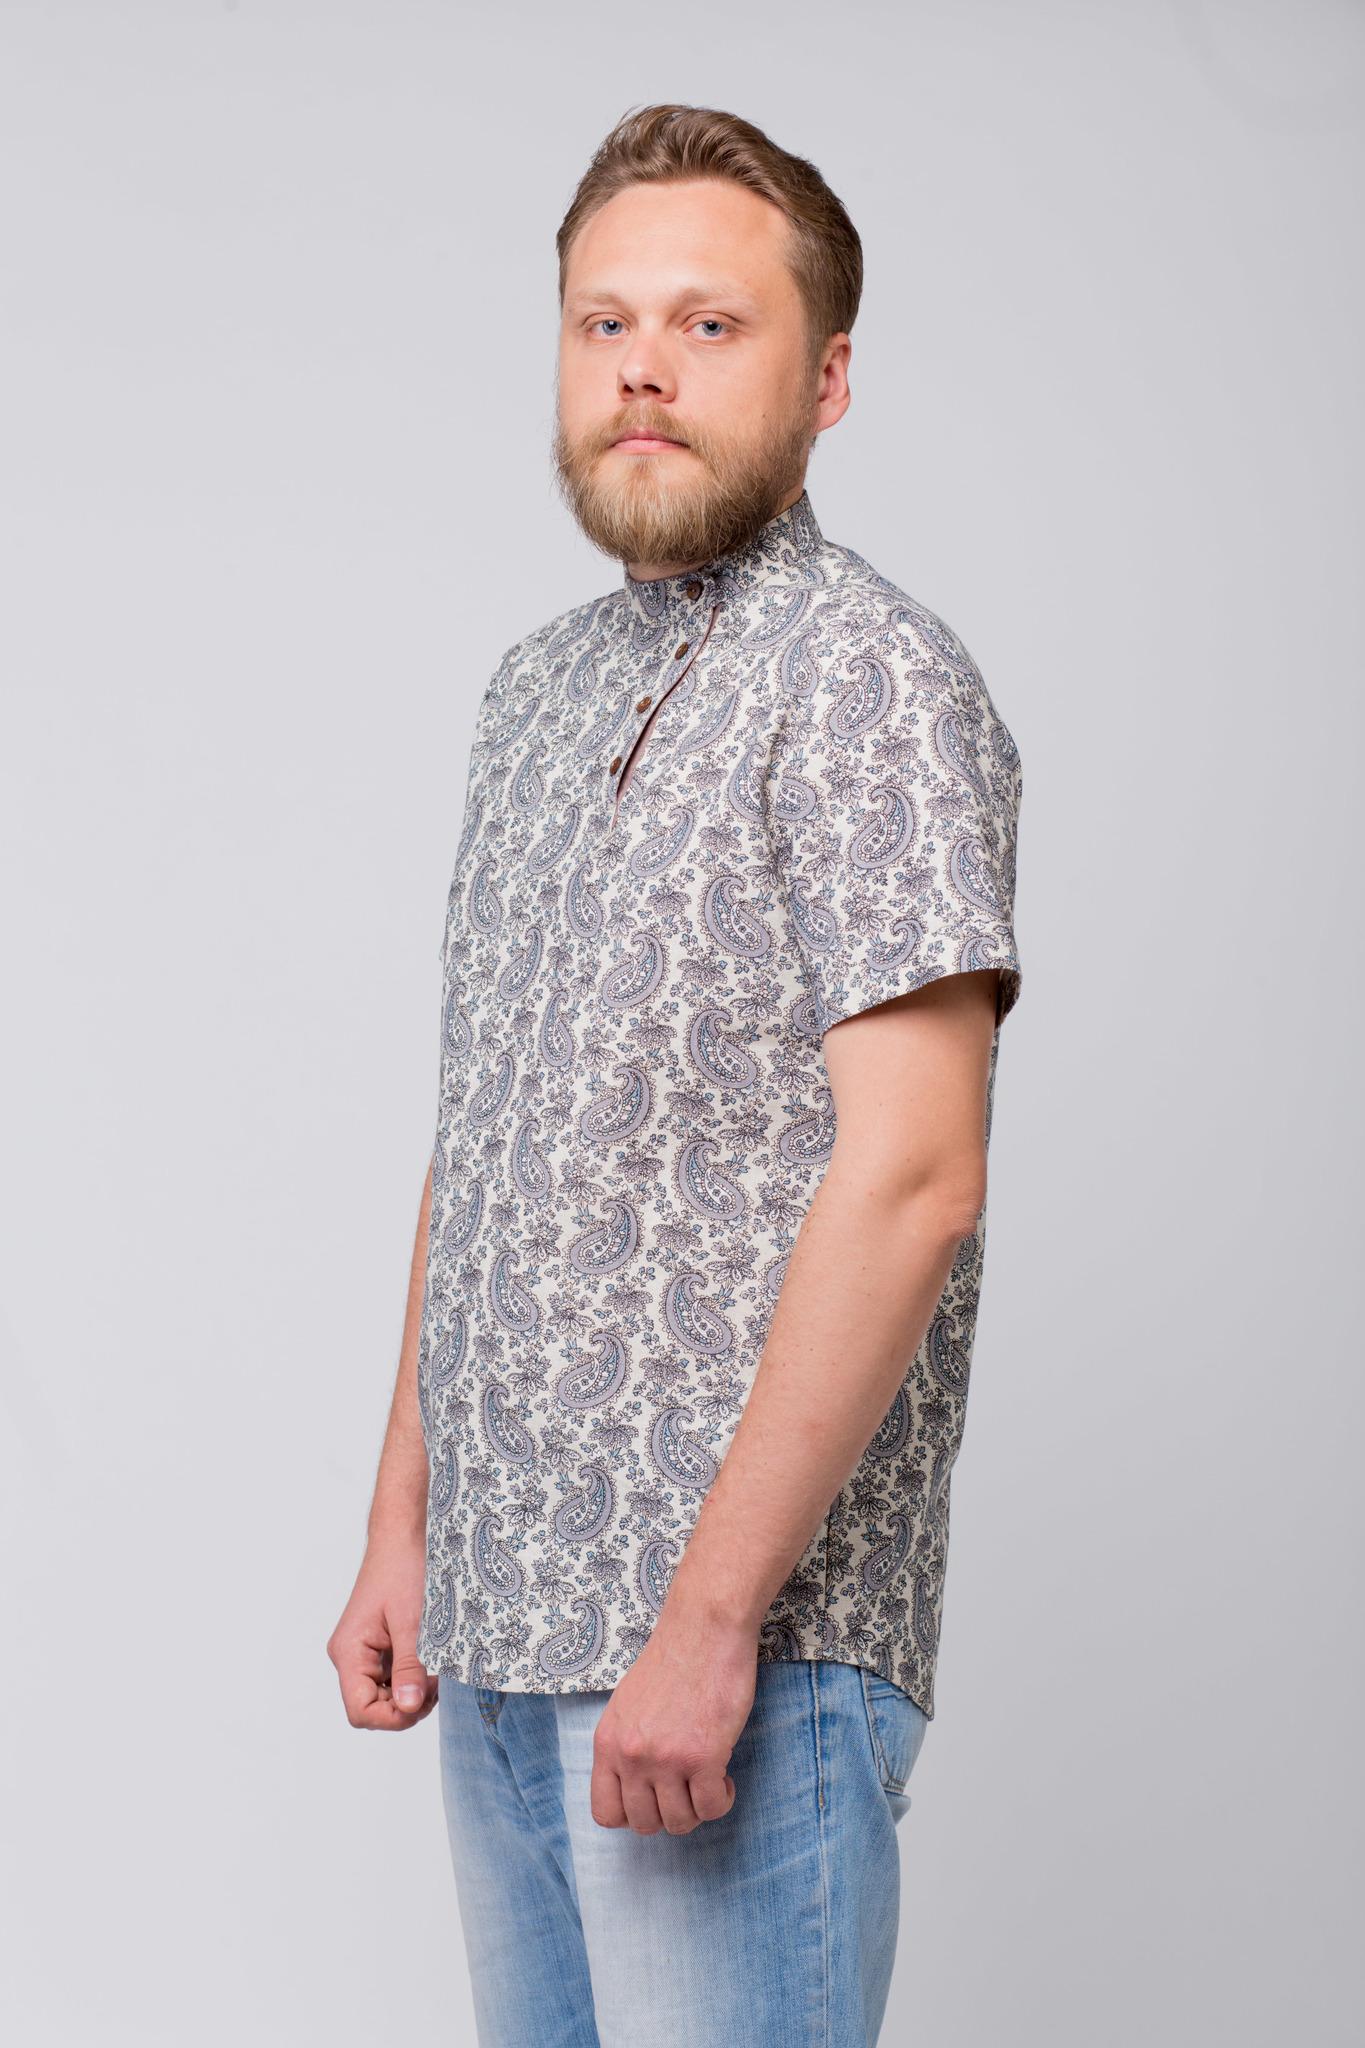 Рубашка льняная Огурцы вид сбоку